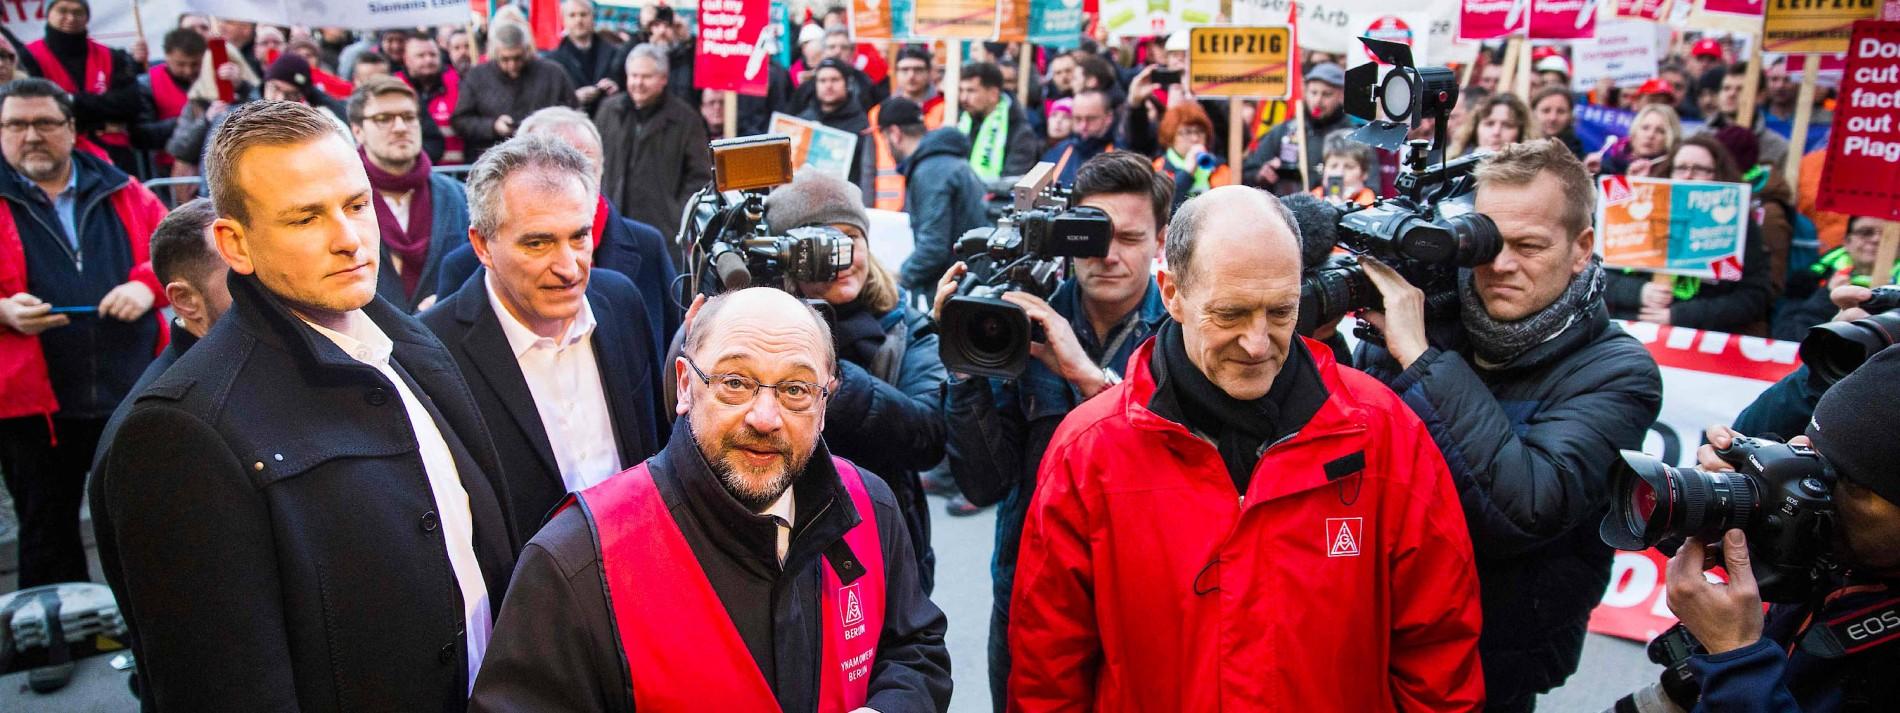 Siemens-Chef Kaeser keilt gegen Schulz zurück